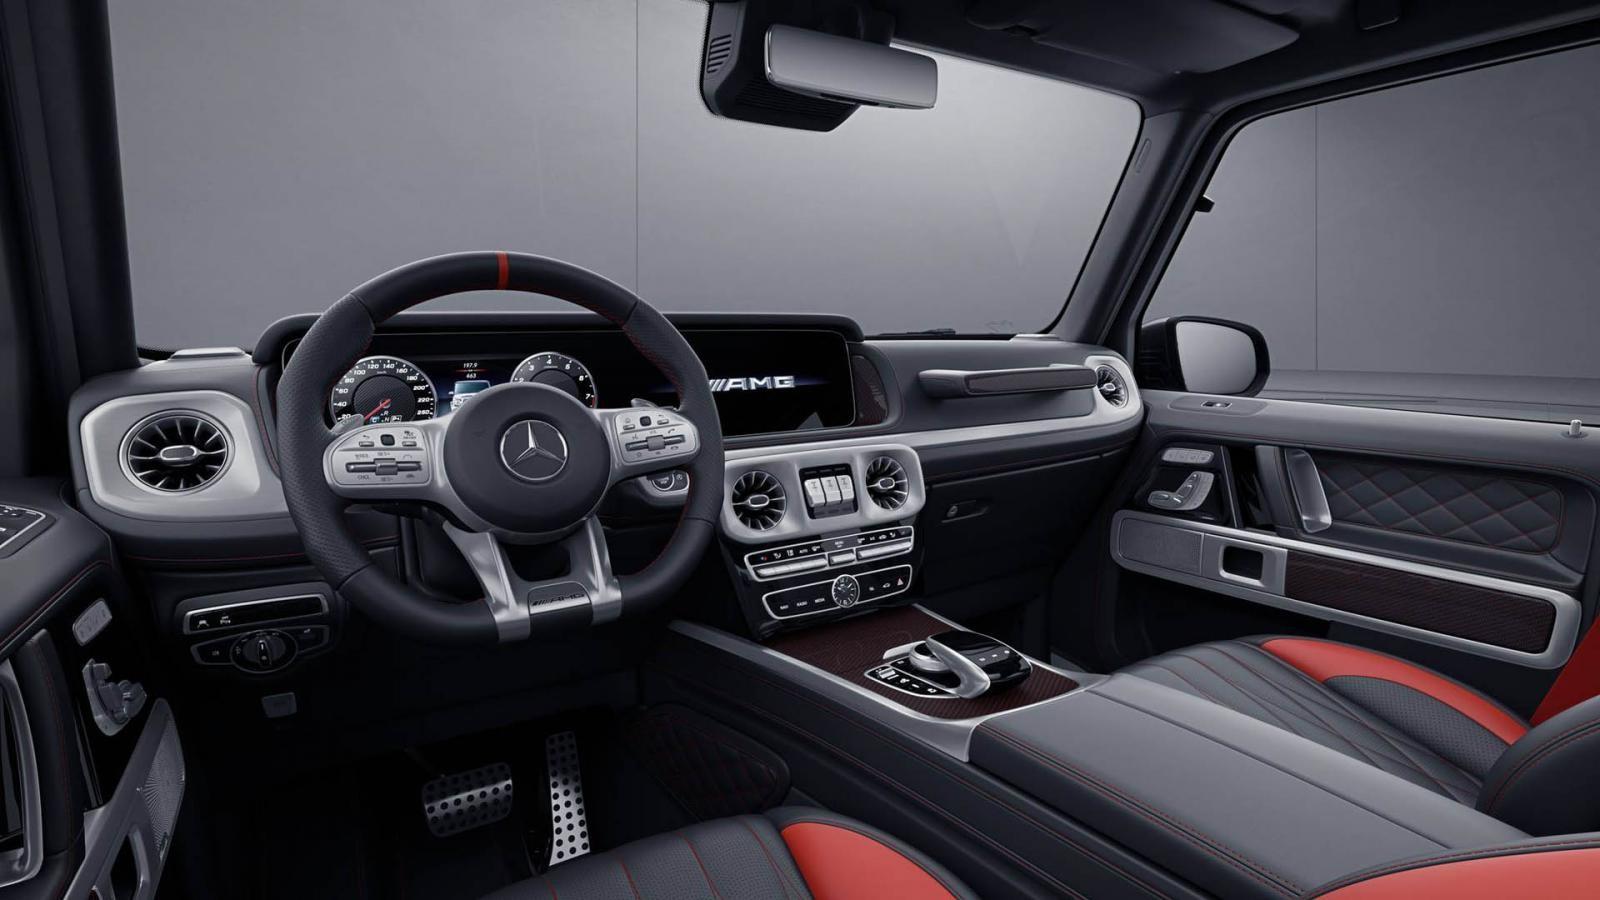 Mercedes-AMG G63 Edition 1 nhập ngoài đang được chào bán hơn 12,1 tỷ đồng